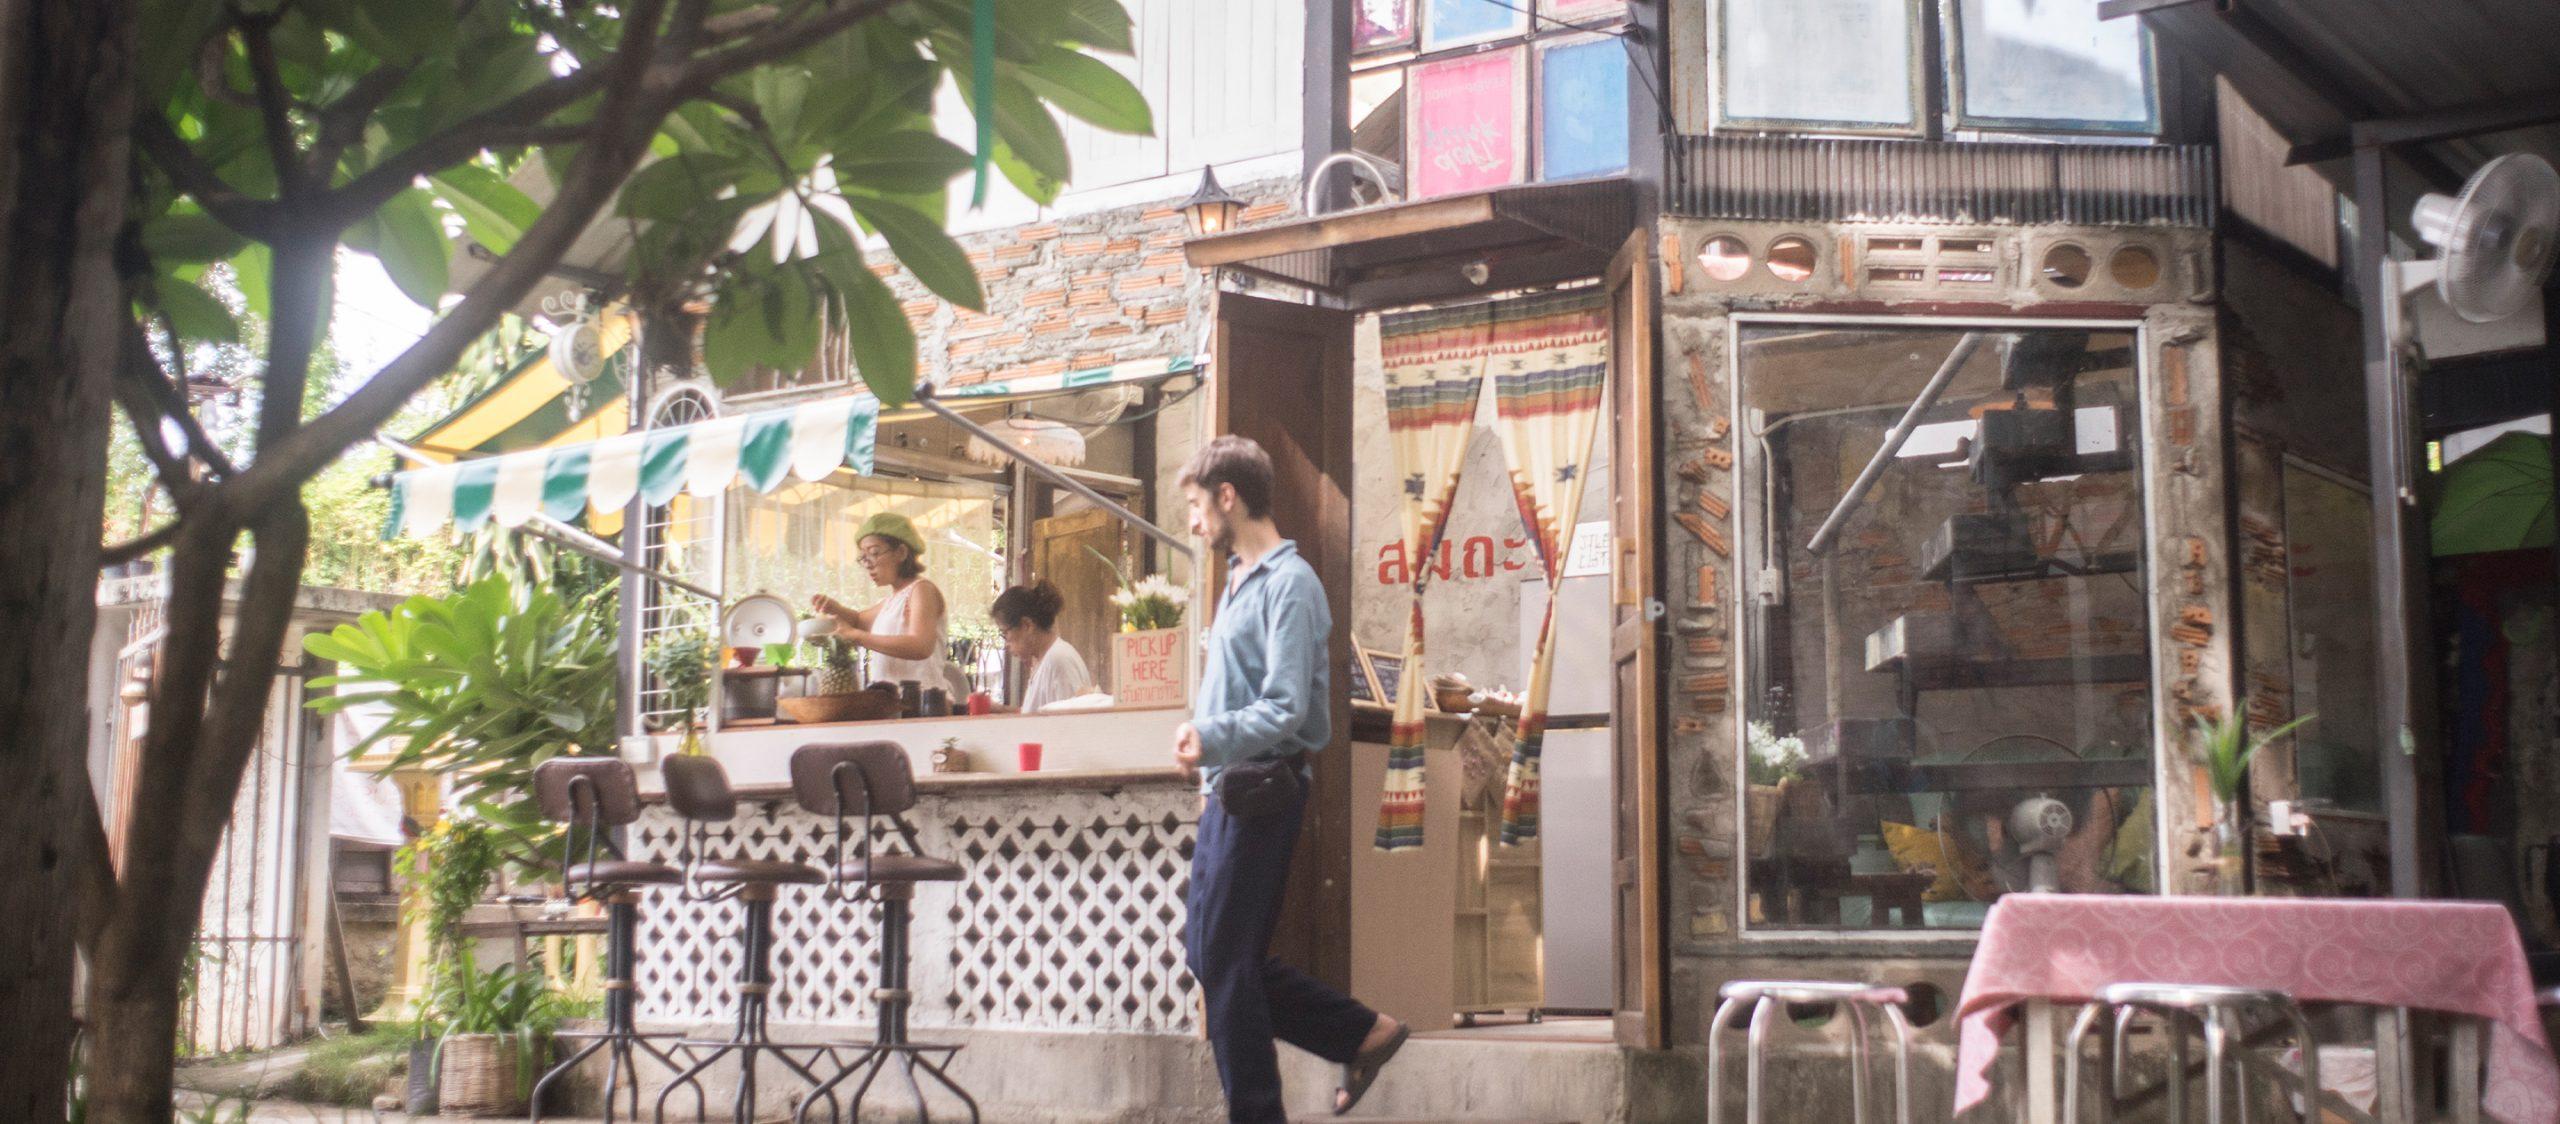 'สมถะ' ร้านอาหารน่ารักแห่งเมืองเชียงใหม่ที่อยากช่วยรักษาโลกด้วยเมนูผักๆ